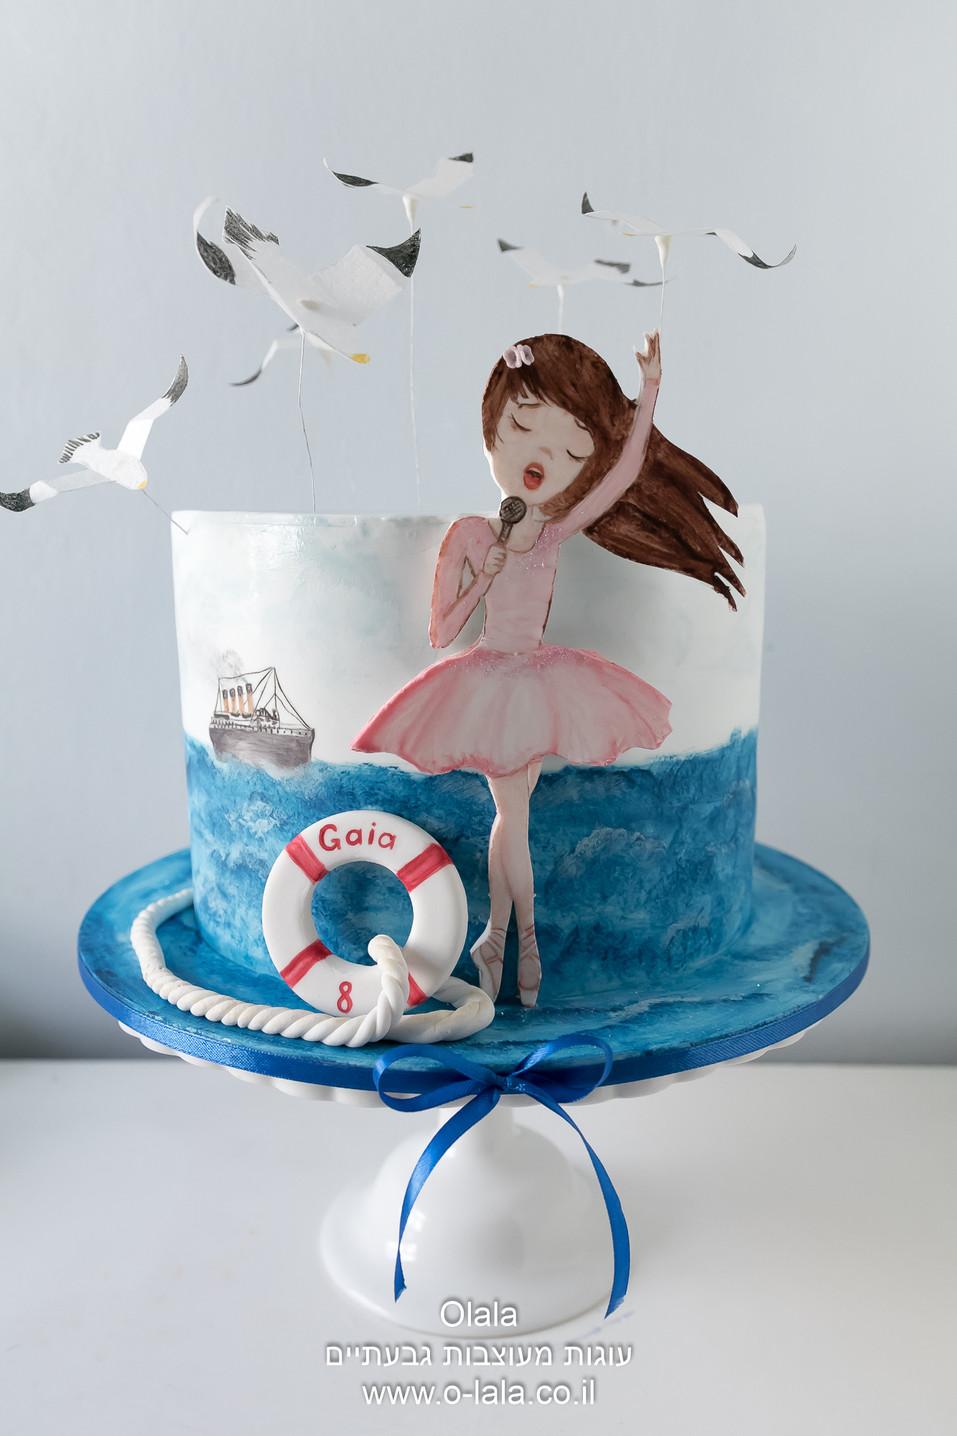 עוגה עם ילדה ששרה בים